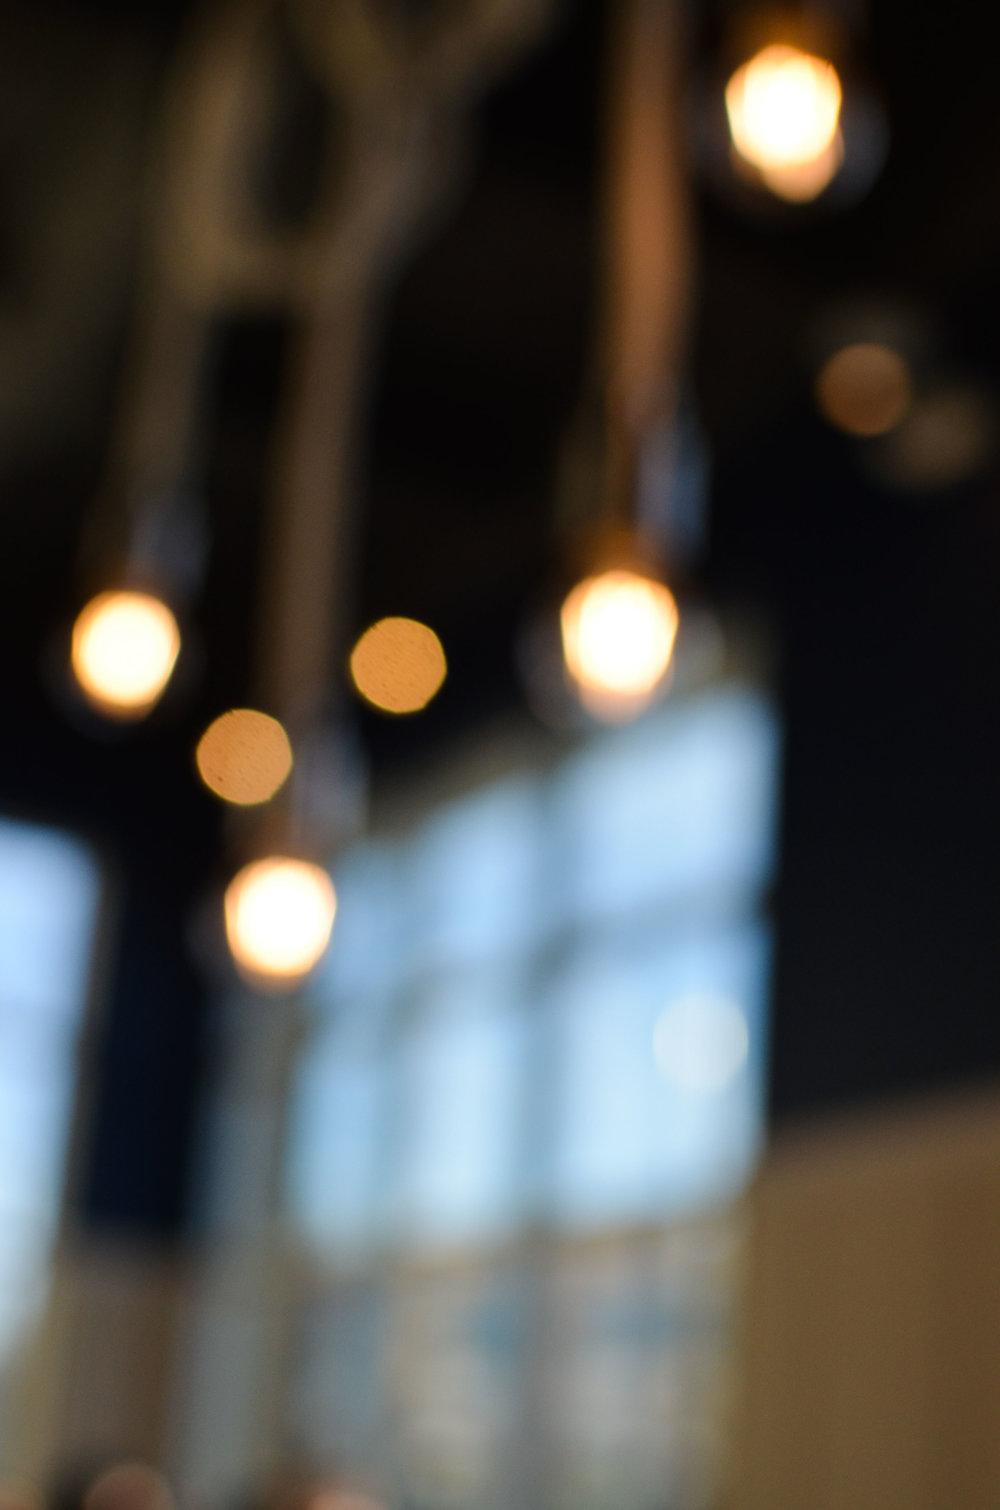 Wendling_Boyd_Rowers_Club_Coffee_Shop-10.jpg